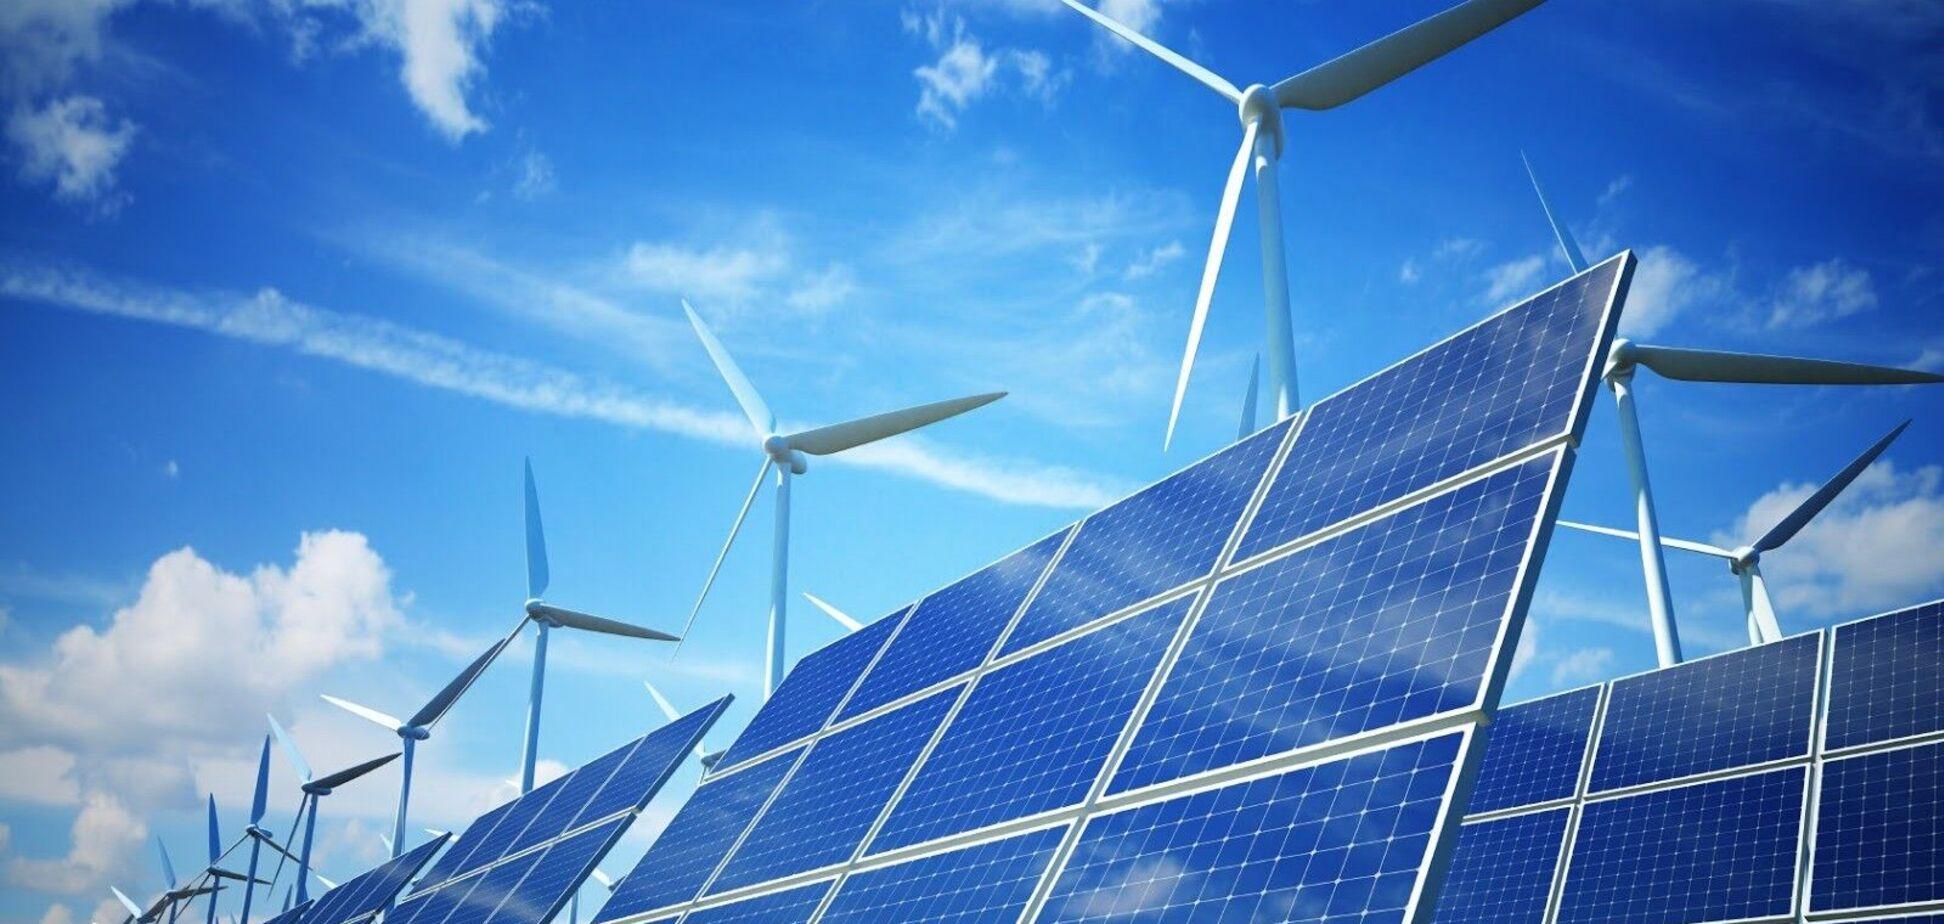 Інвестори занепокоєні невиконанням меморандуму з виробниками зеленої енергії в Україні